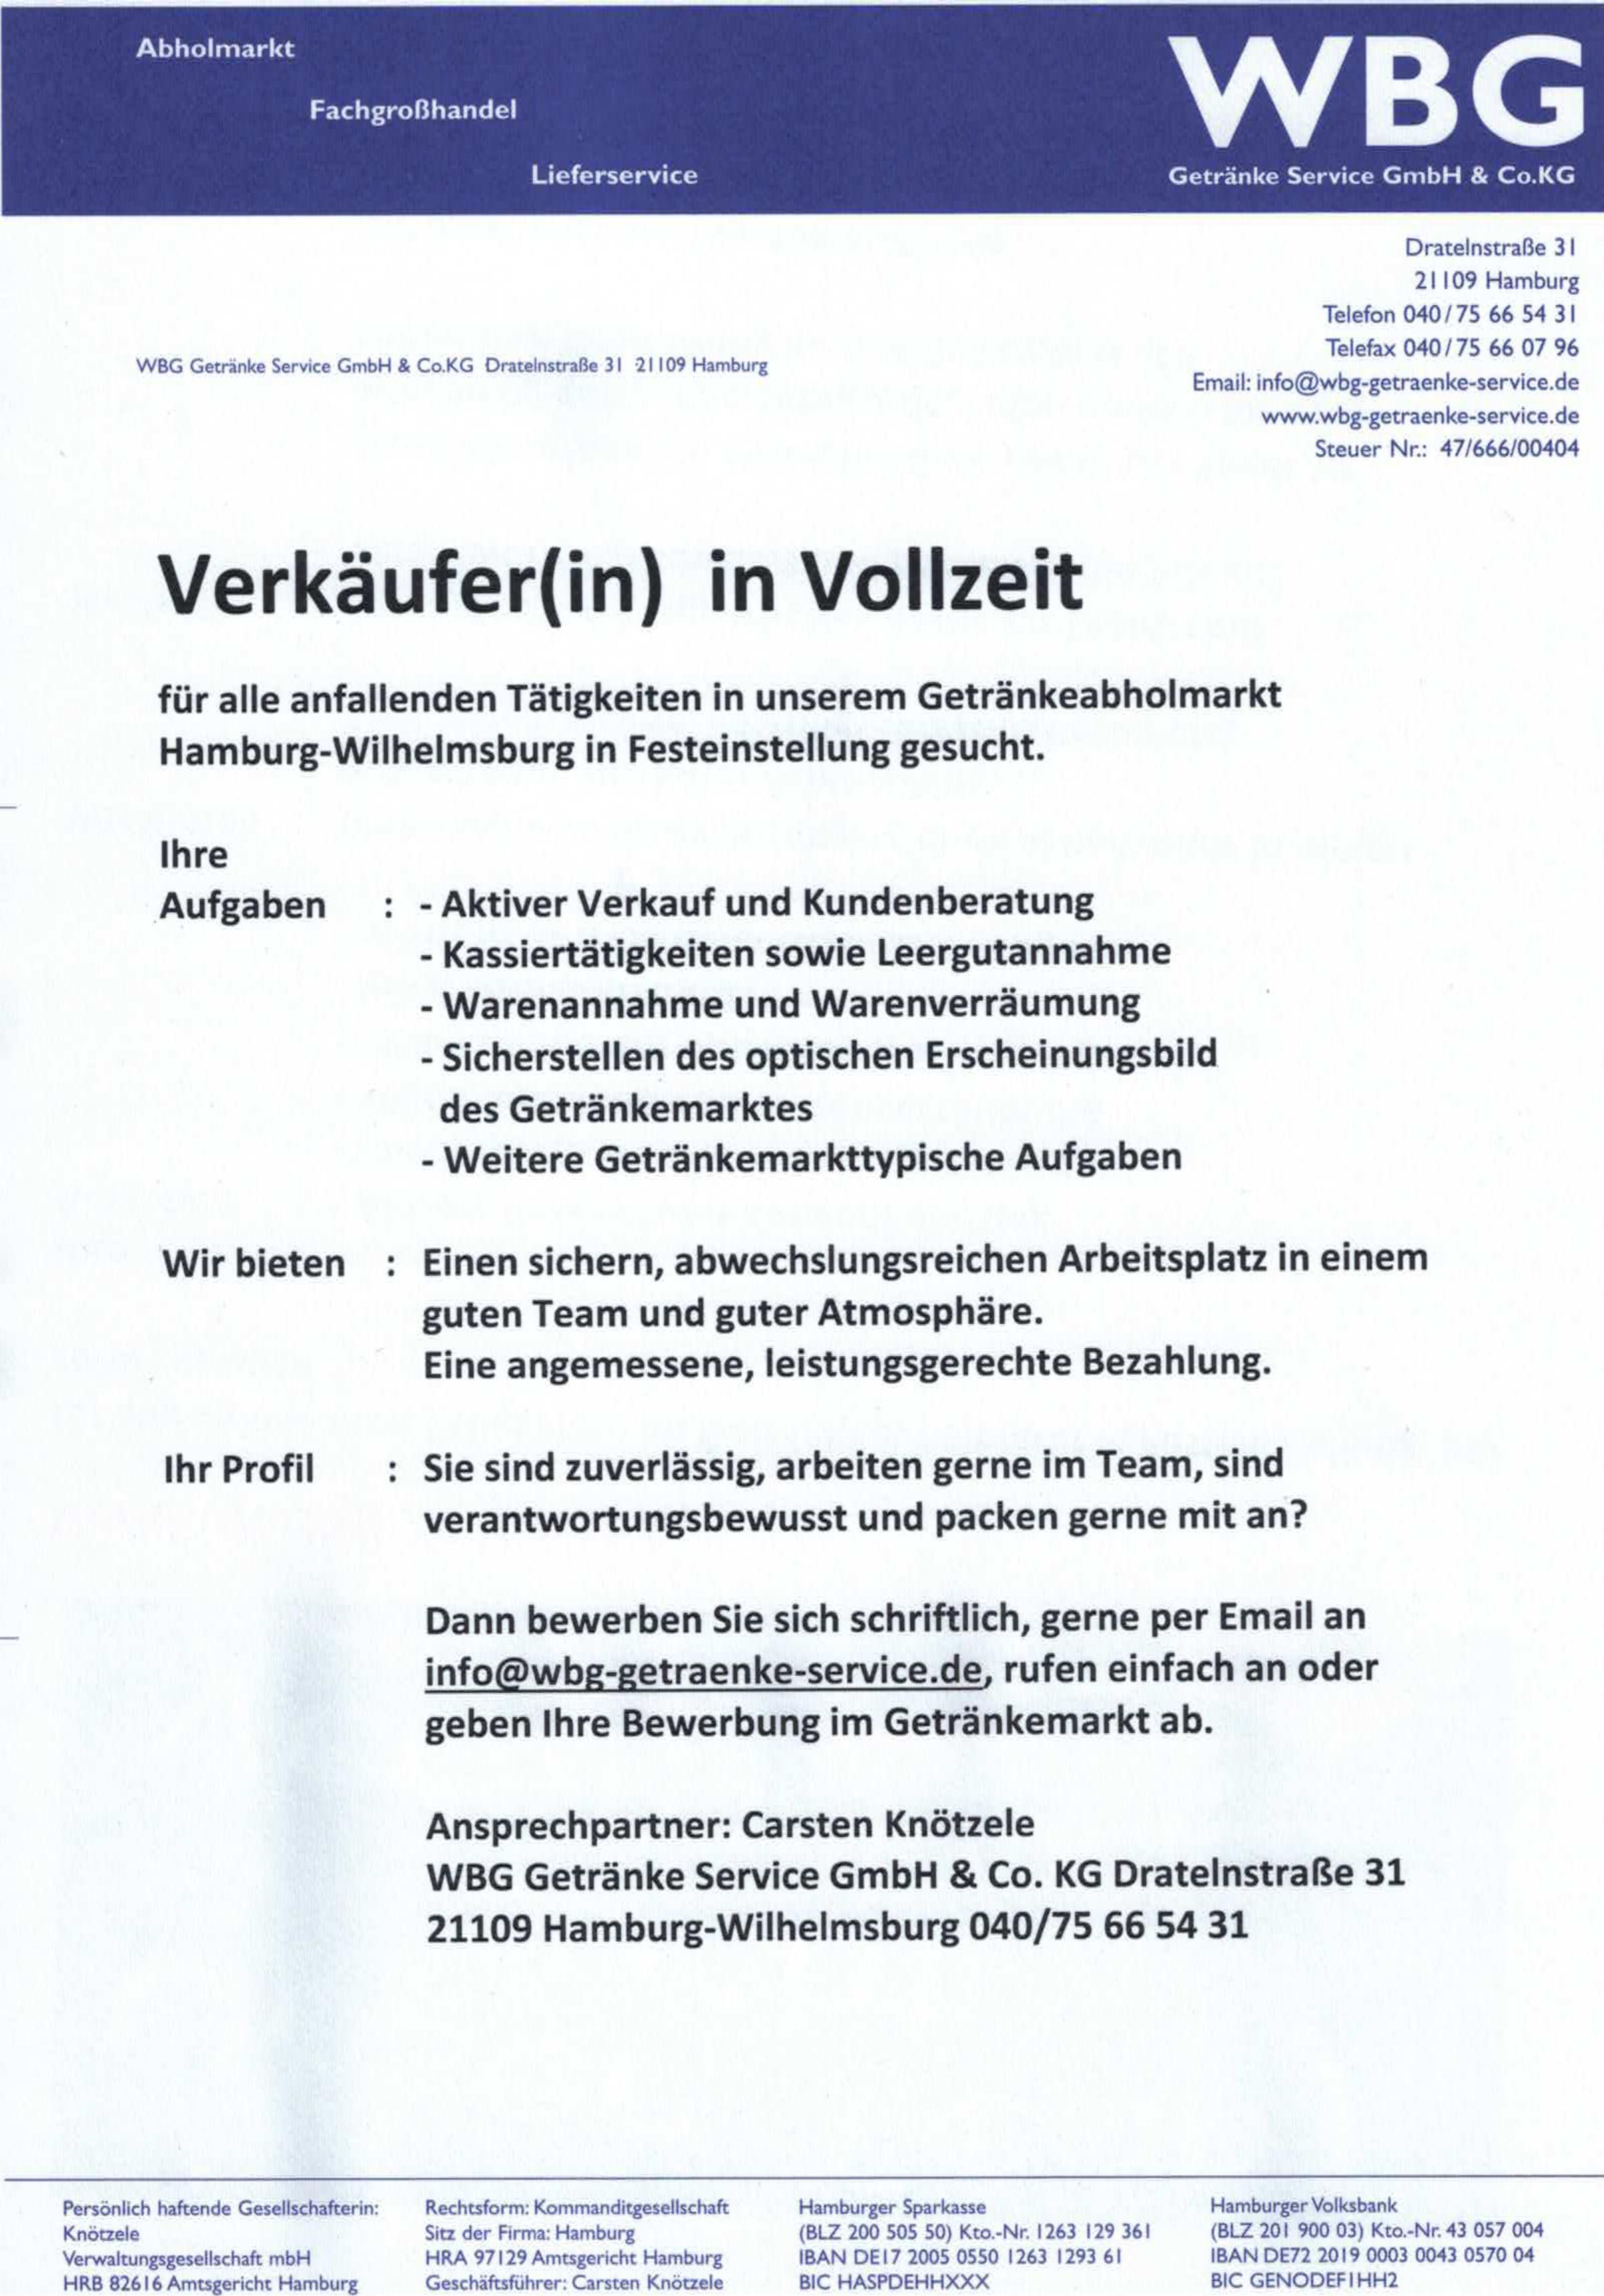 Stellenangebote « WBG Getränke Service GmbH & Co.KG